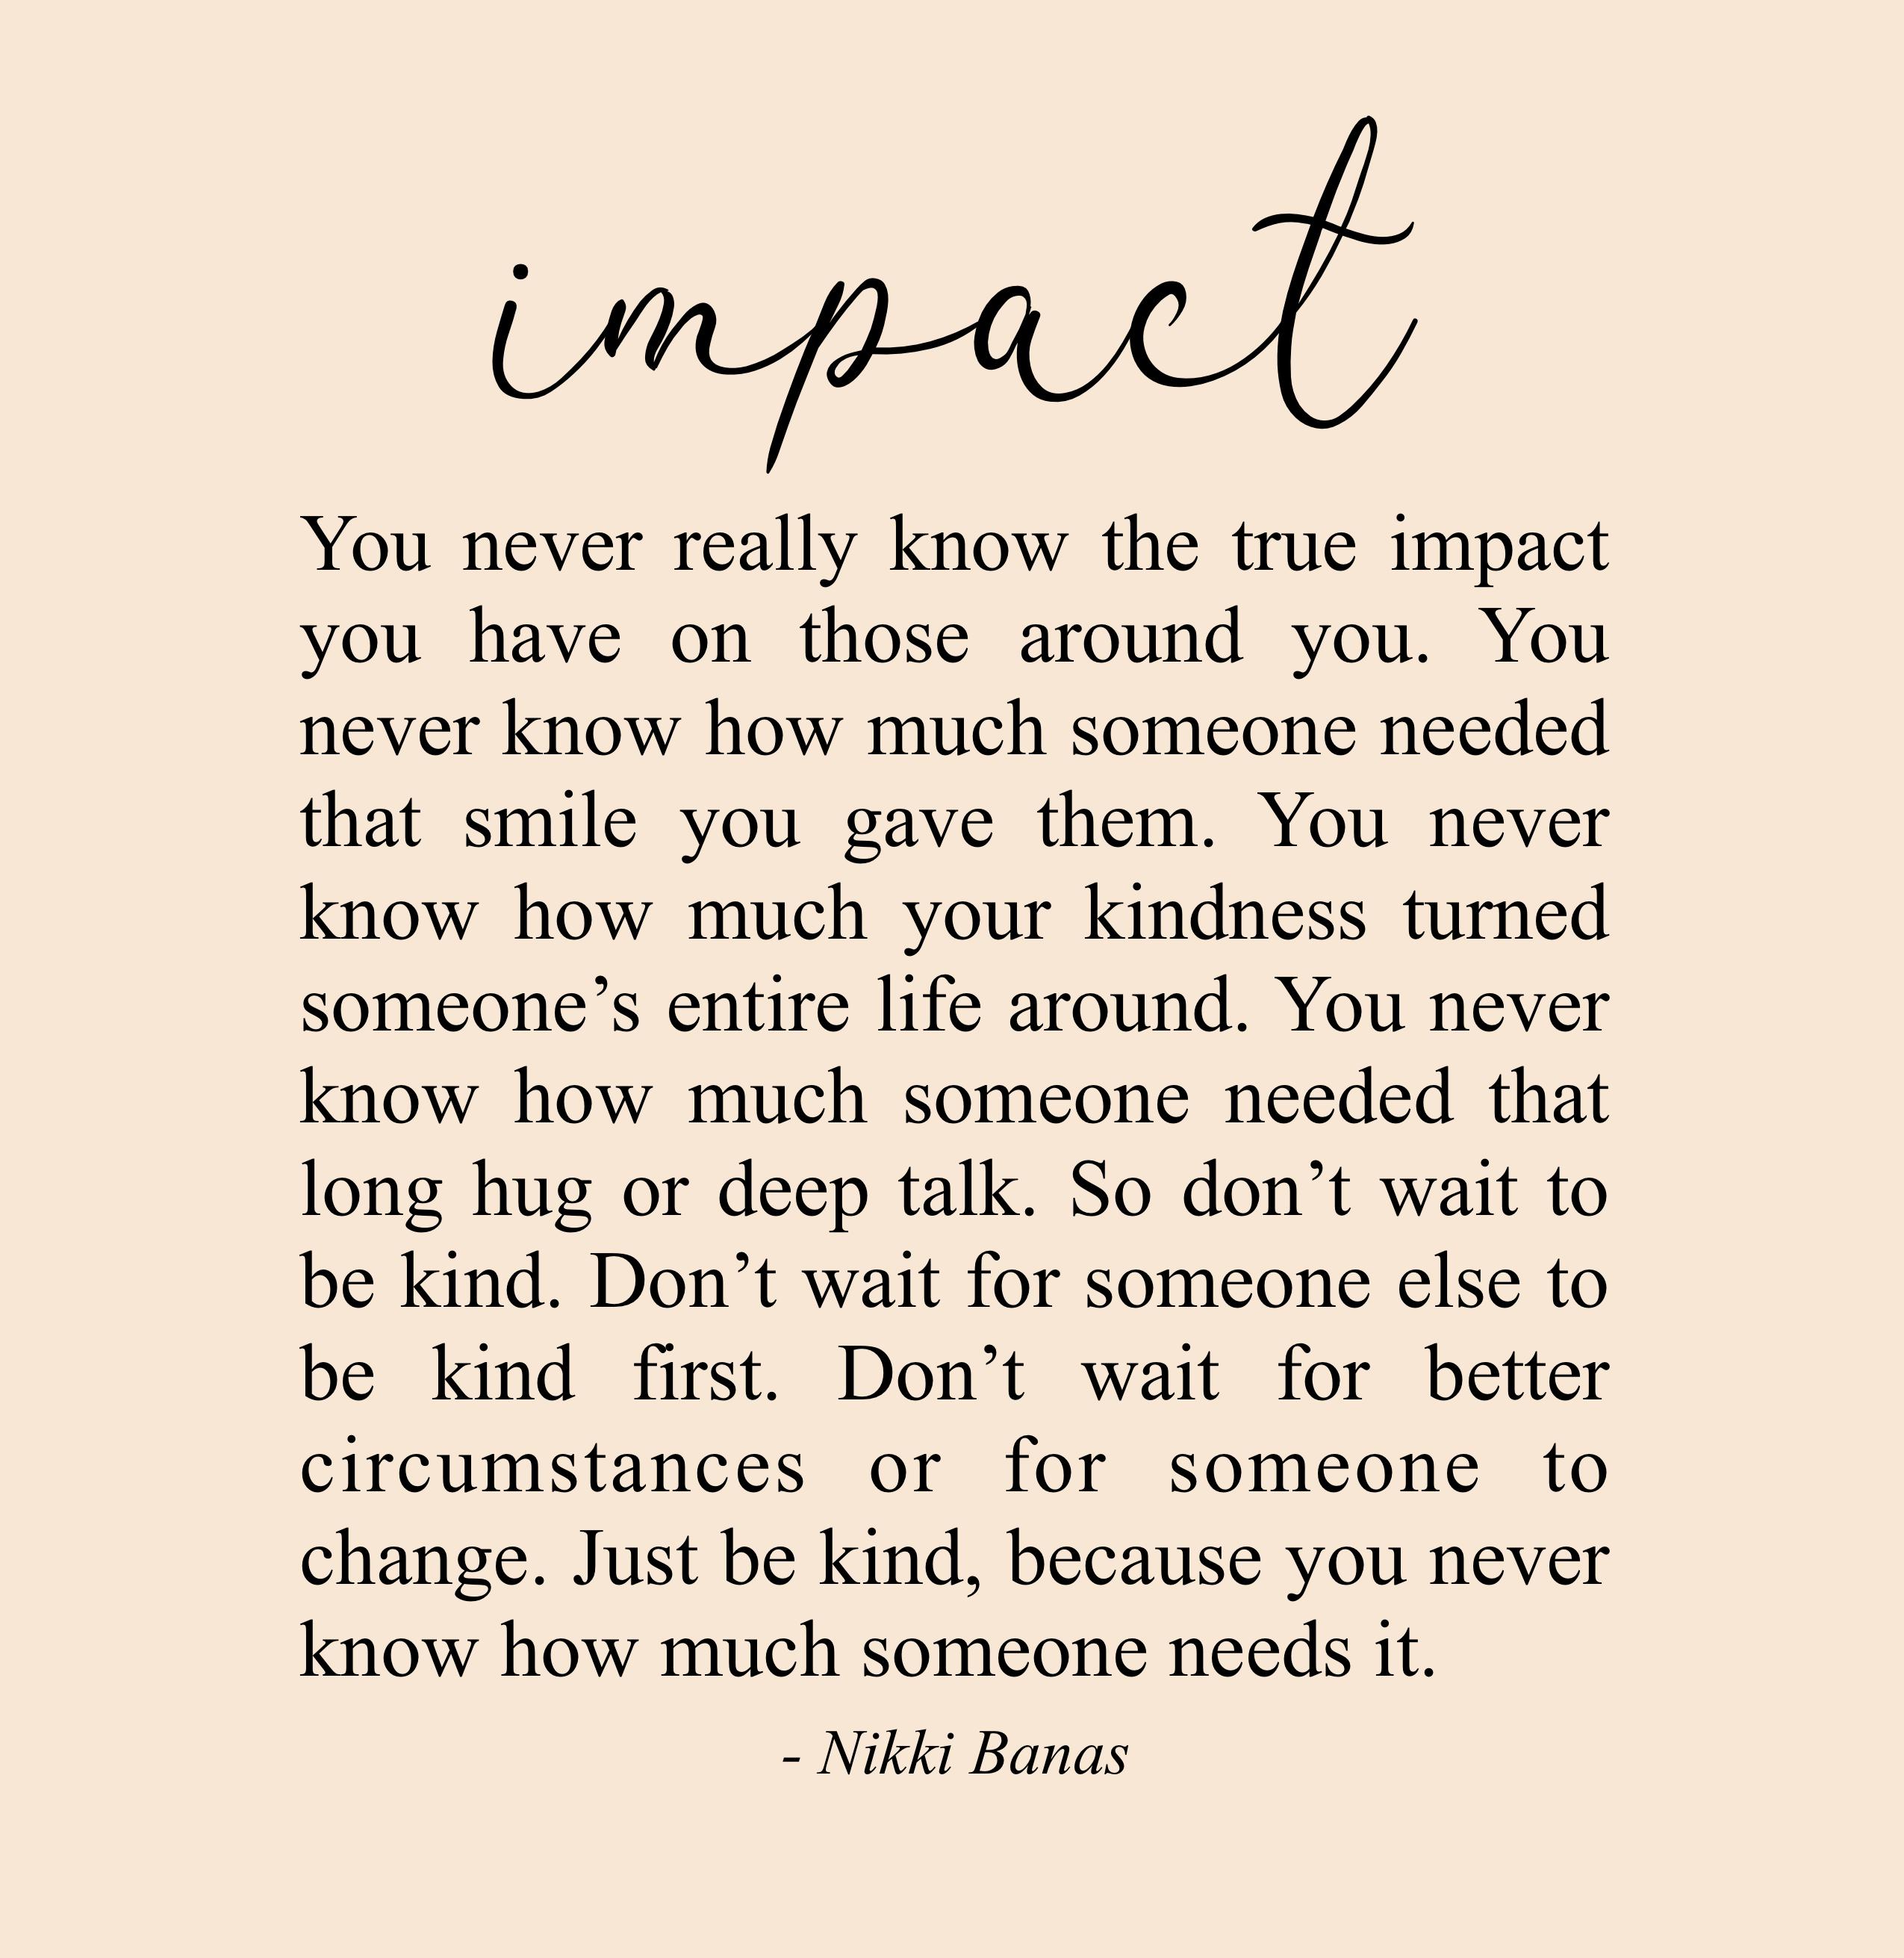 [Image] Impact